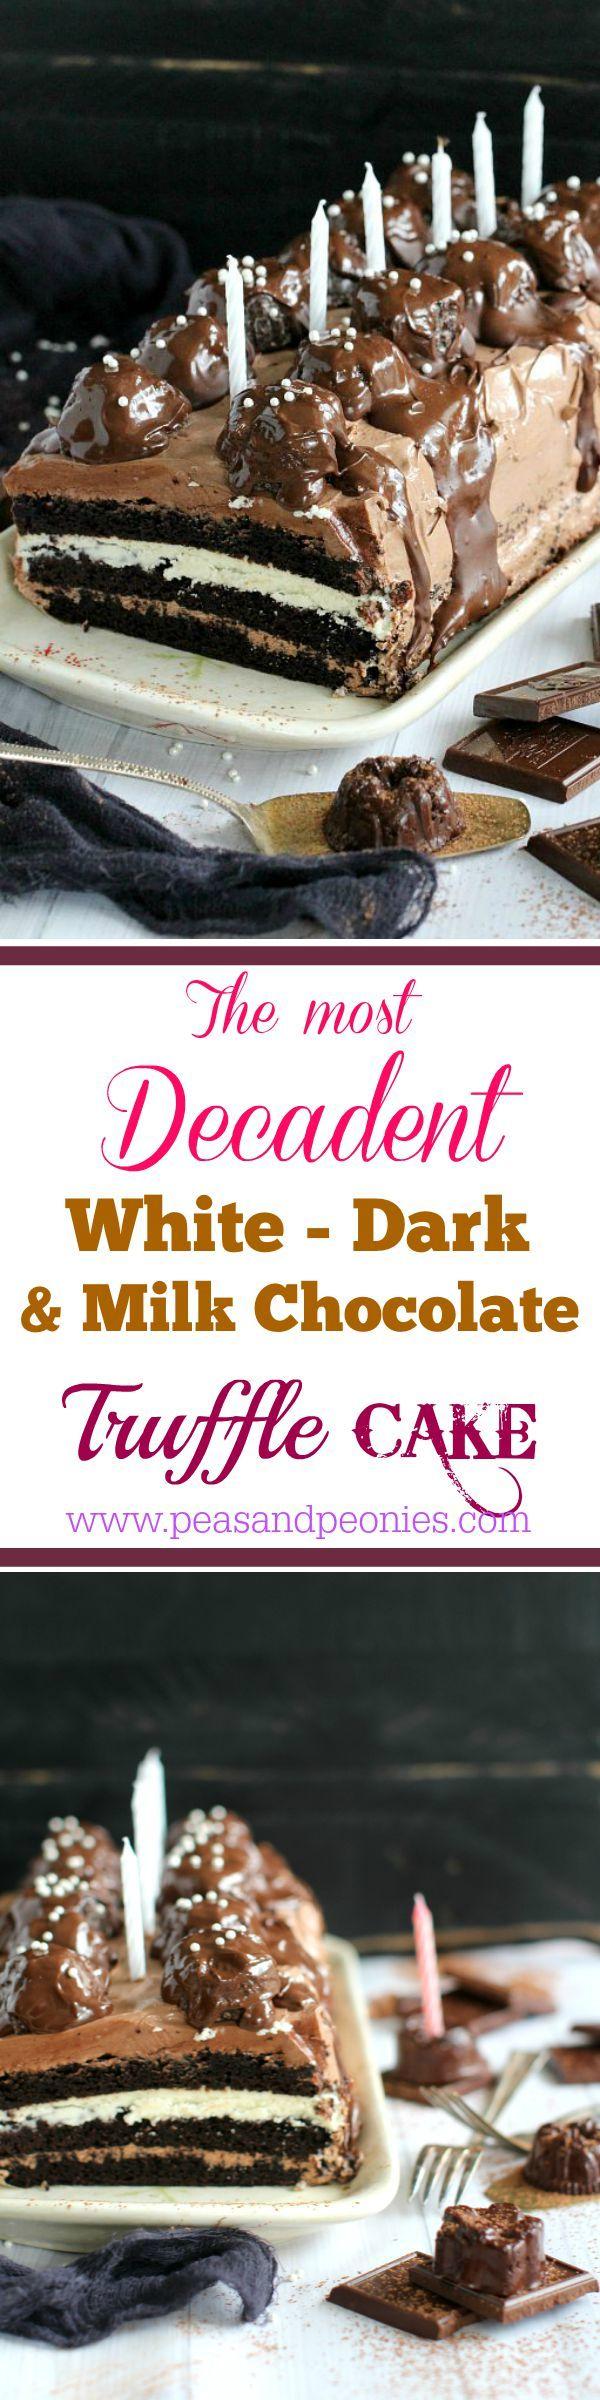 Dark chocolate truffle cake recipe